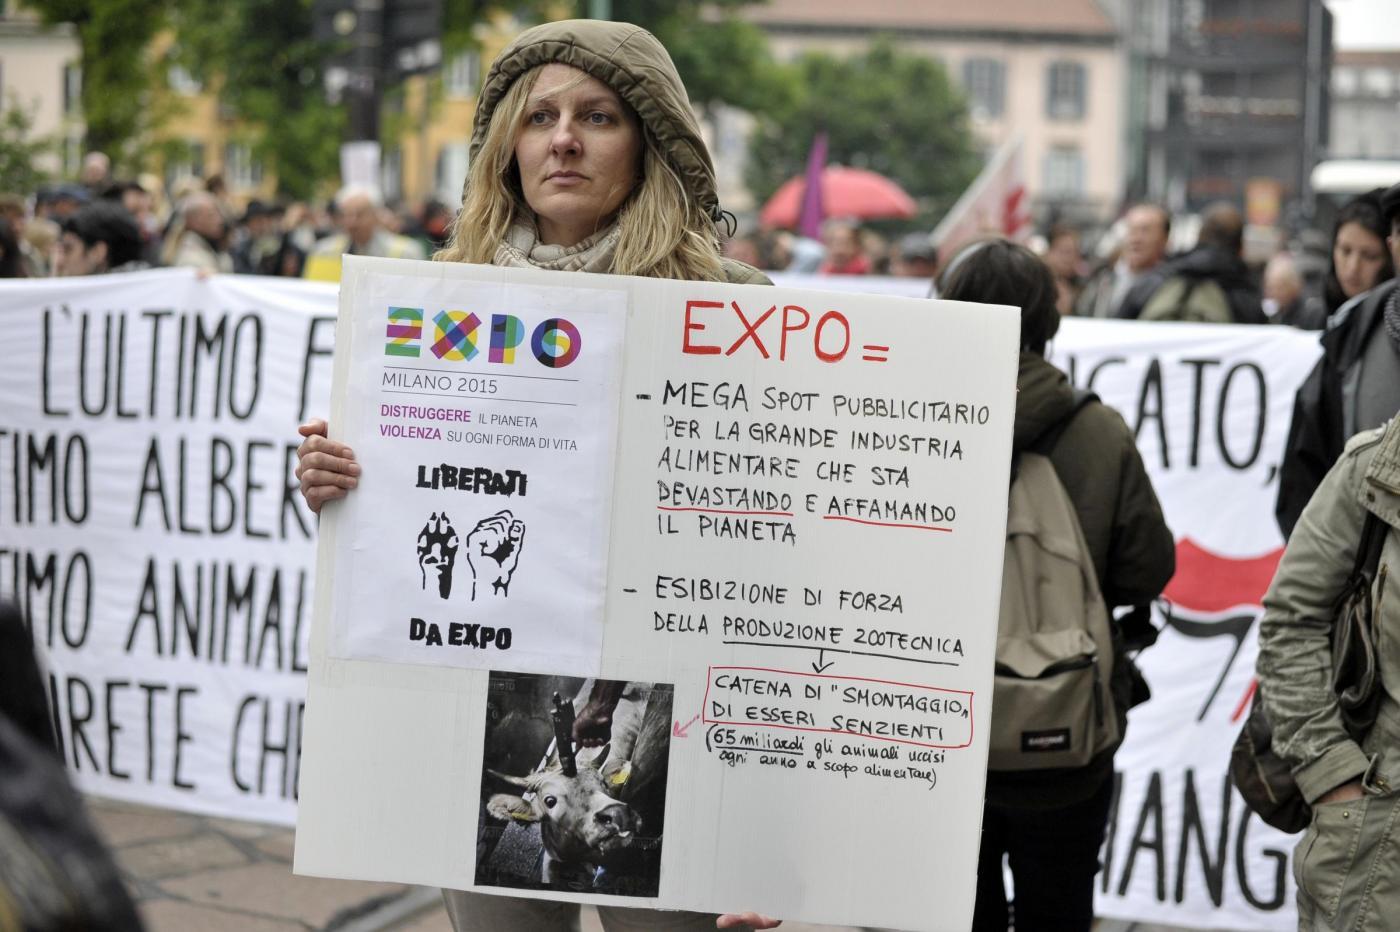 No Expo Milano 2015: perché alcuni non vogliono l'Esposizione universale?